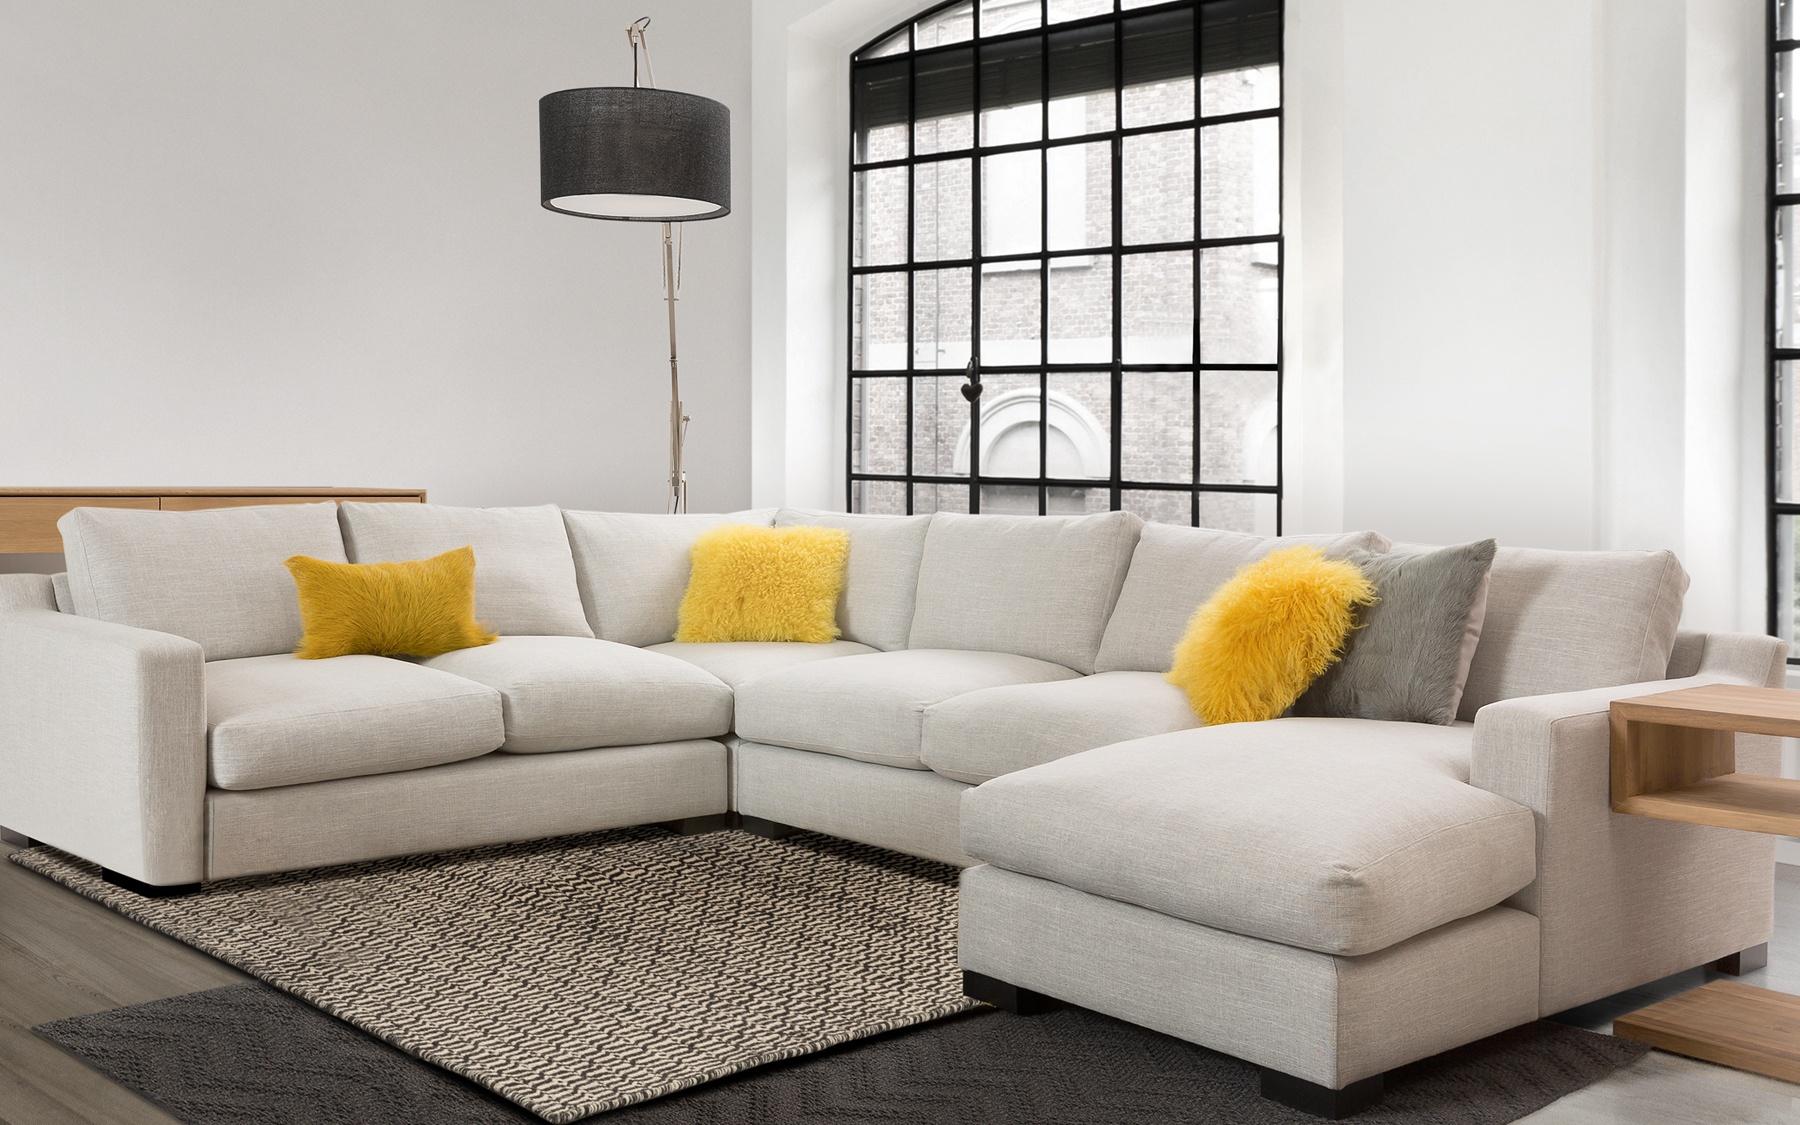 canap composable t751 composables salons la galerie. Black Bedroom Furniture Sets. Home Design Ideas